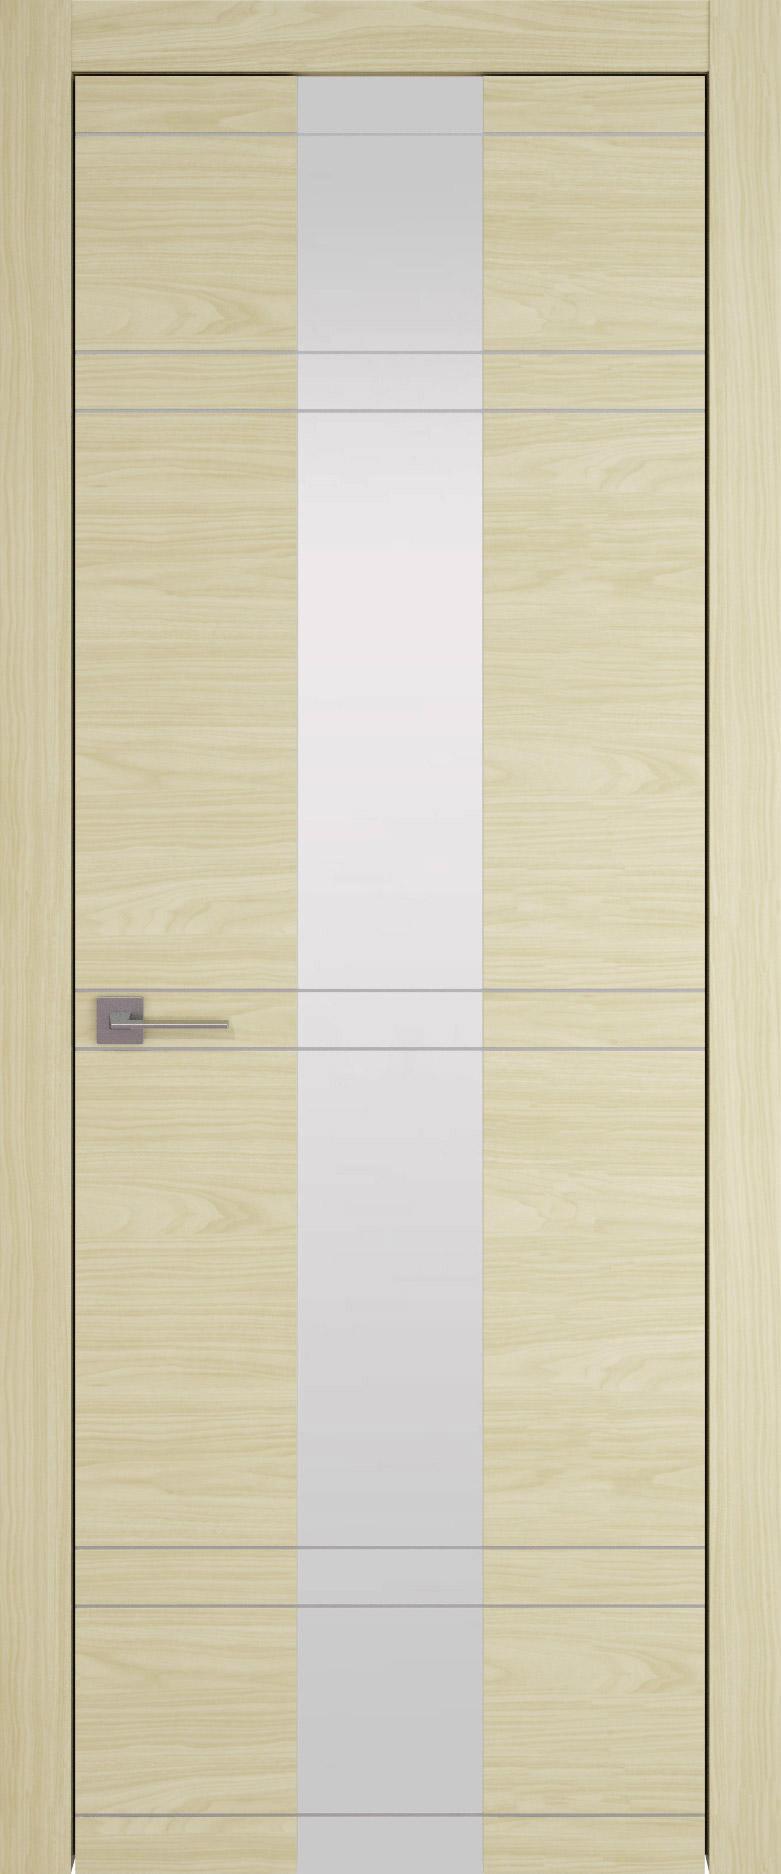 Tivoli Ж-4 цвет - Дуб нордик Со стеклом (ДО)